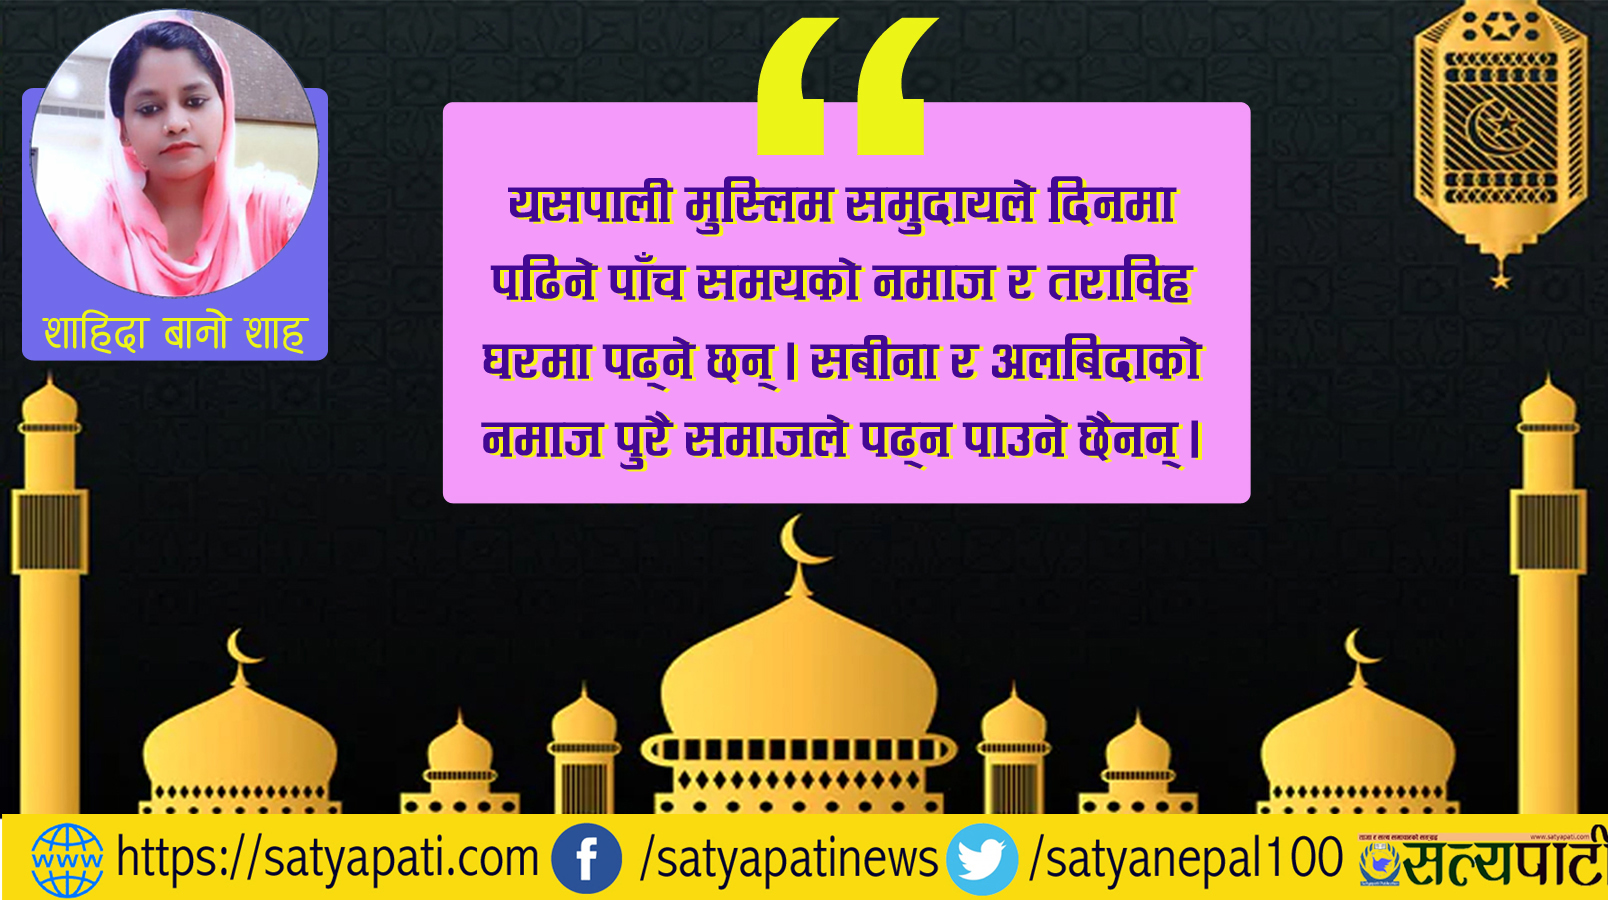 मुस्लिम समुदायको पवित्र महिना रमजान शरीफ र लकडाउन